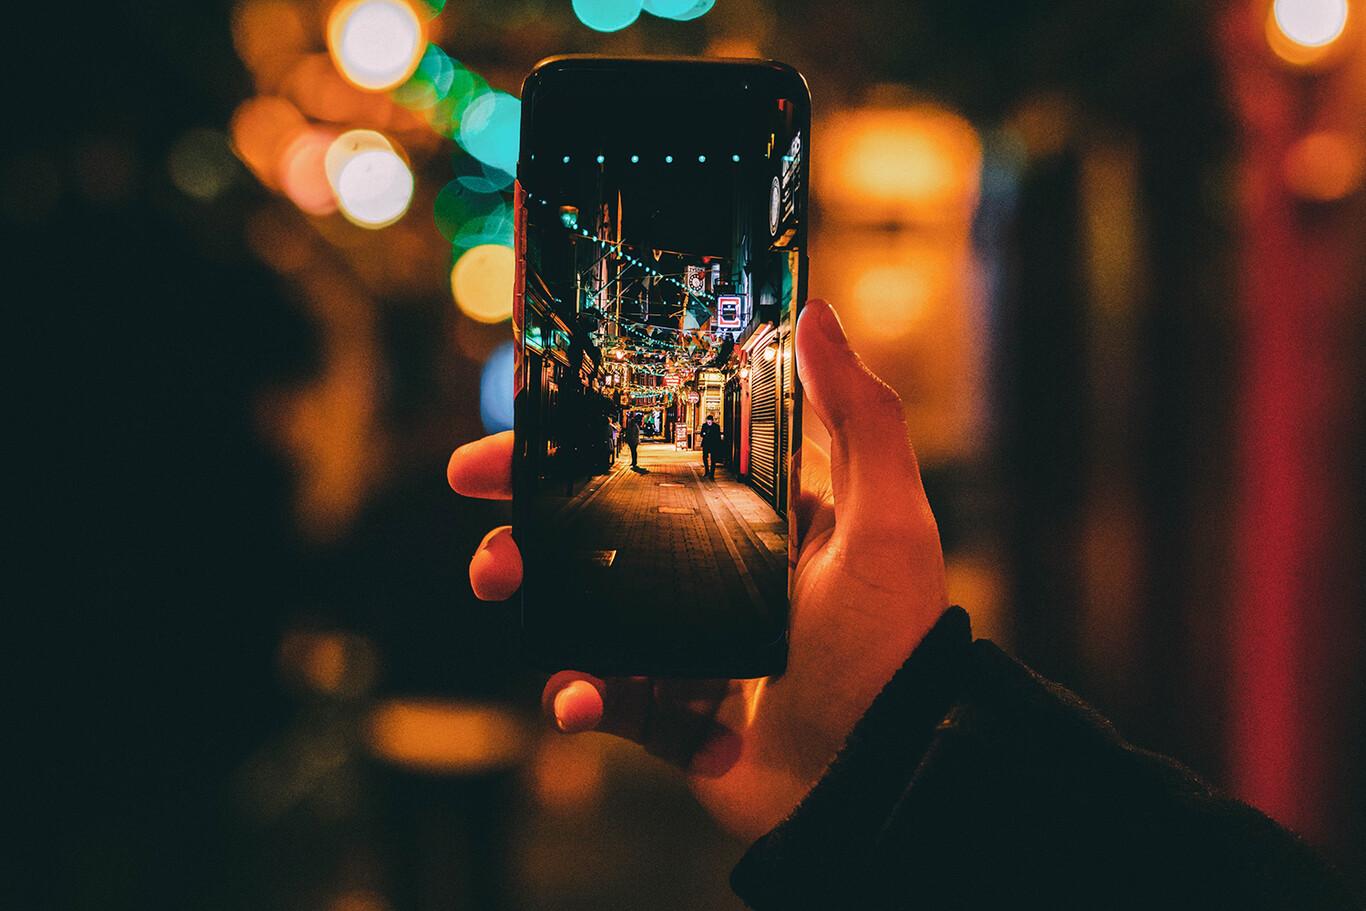 Así es que disparar con móviles nos puede ayudar a ser mejores fotógrafos